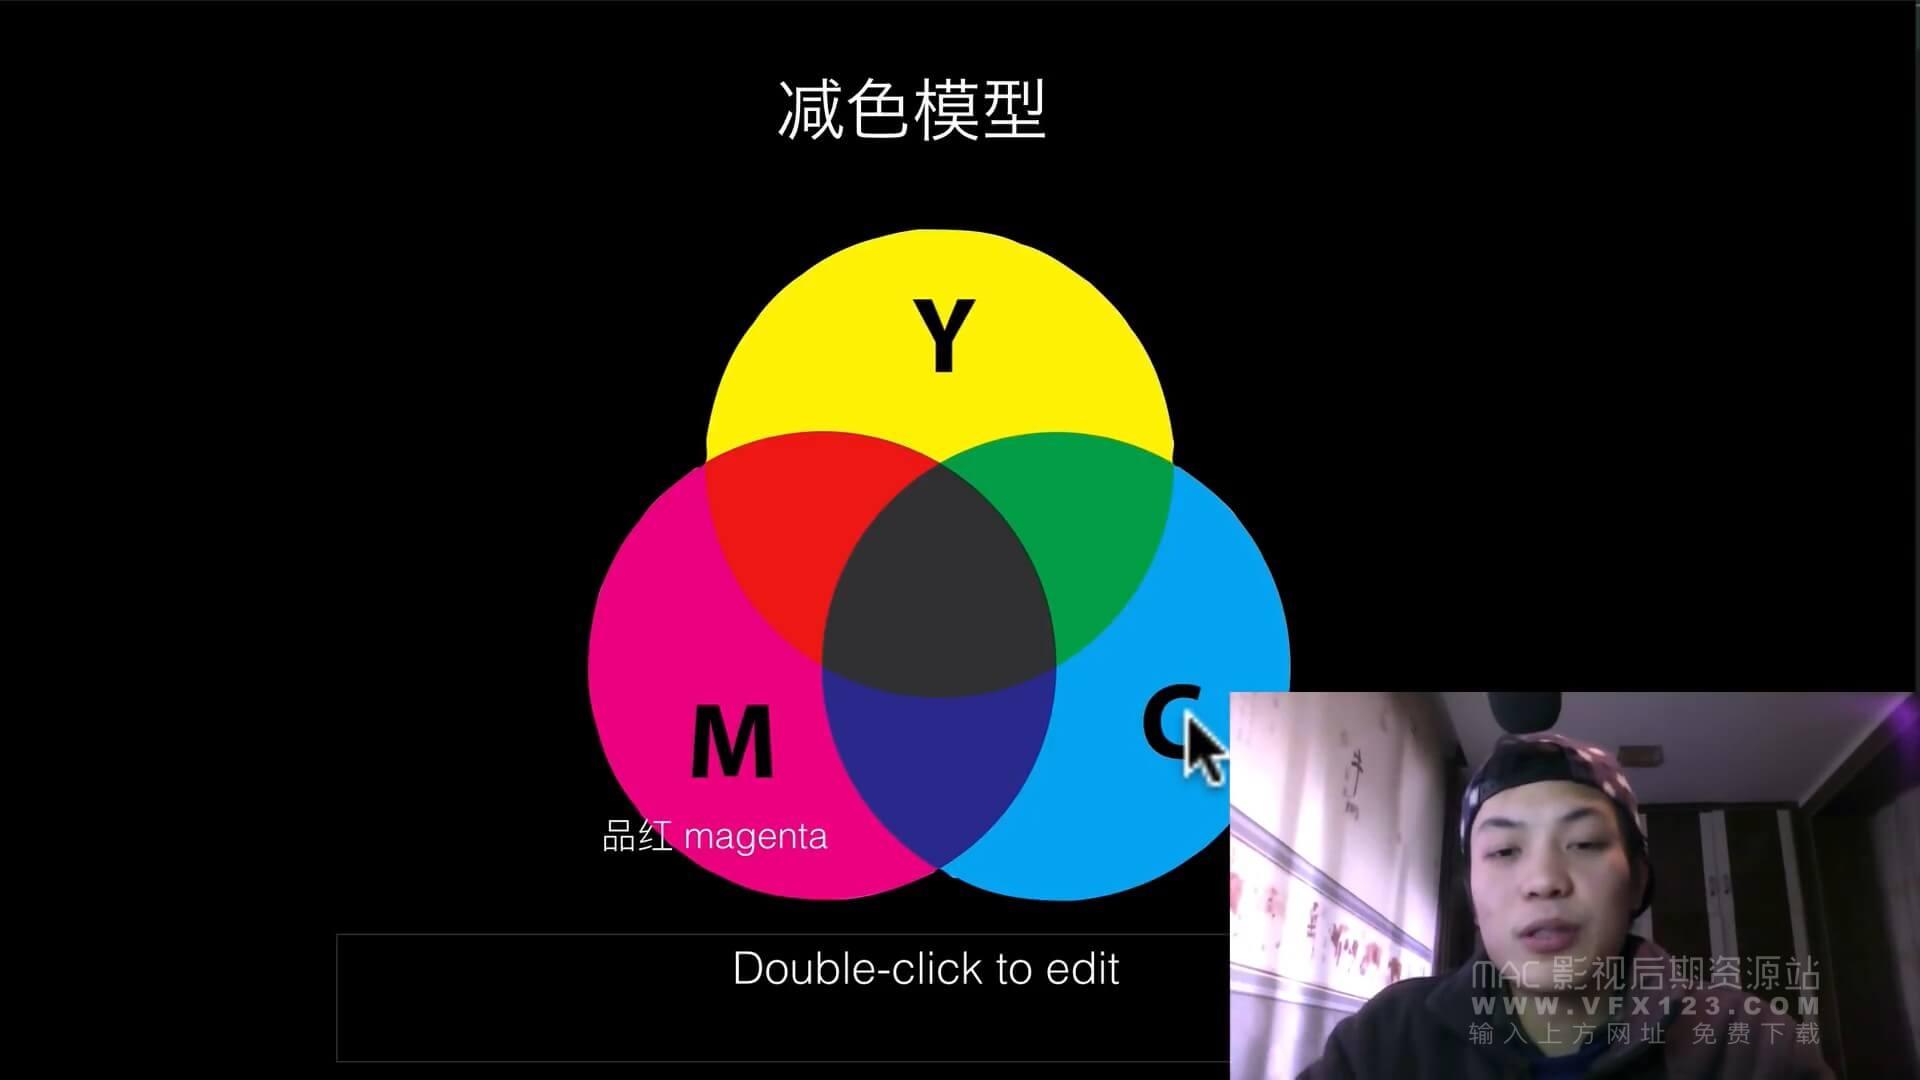 视频调色基础:颜色的理论知识 中文视频教程